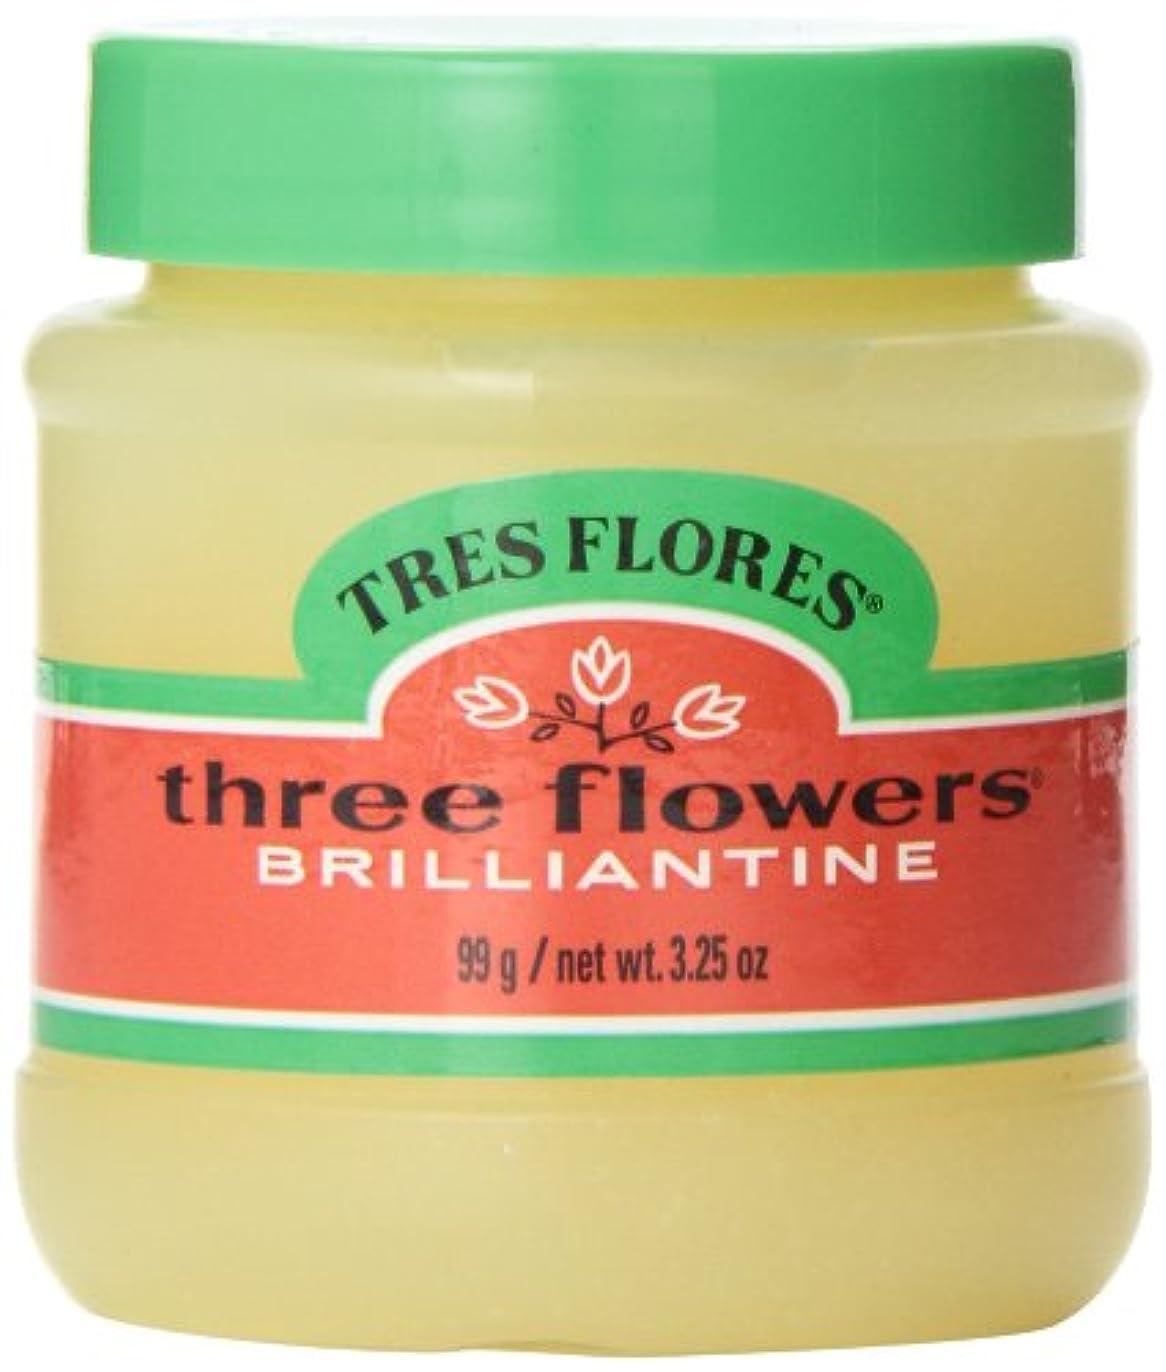 空洞アフリカ人歴史Three Flowers Brilliantine Pomade Solid 3.25oz